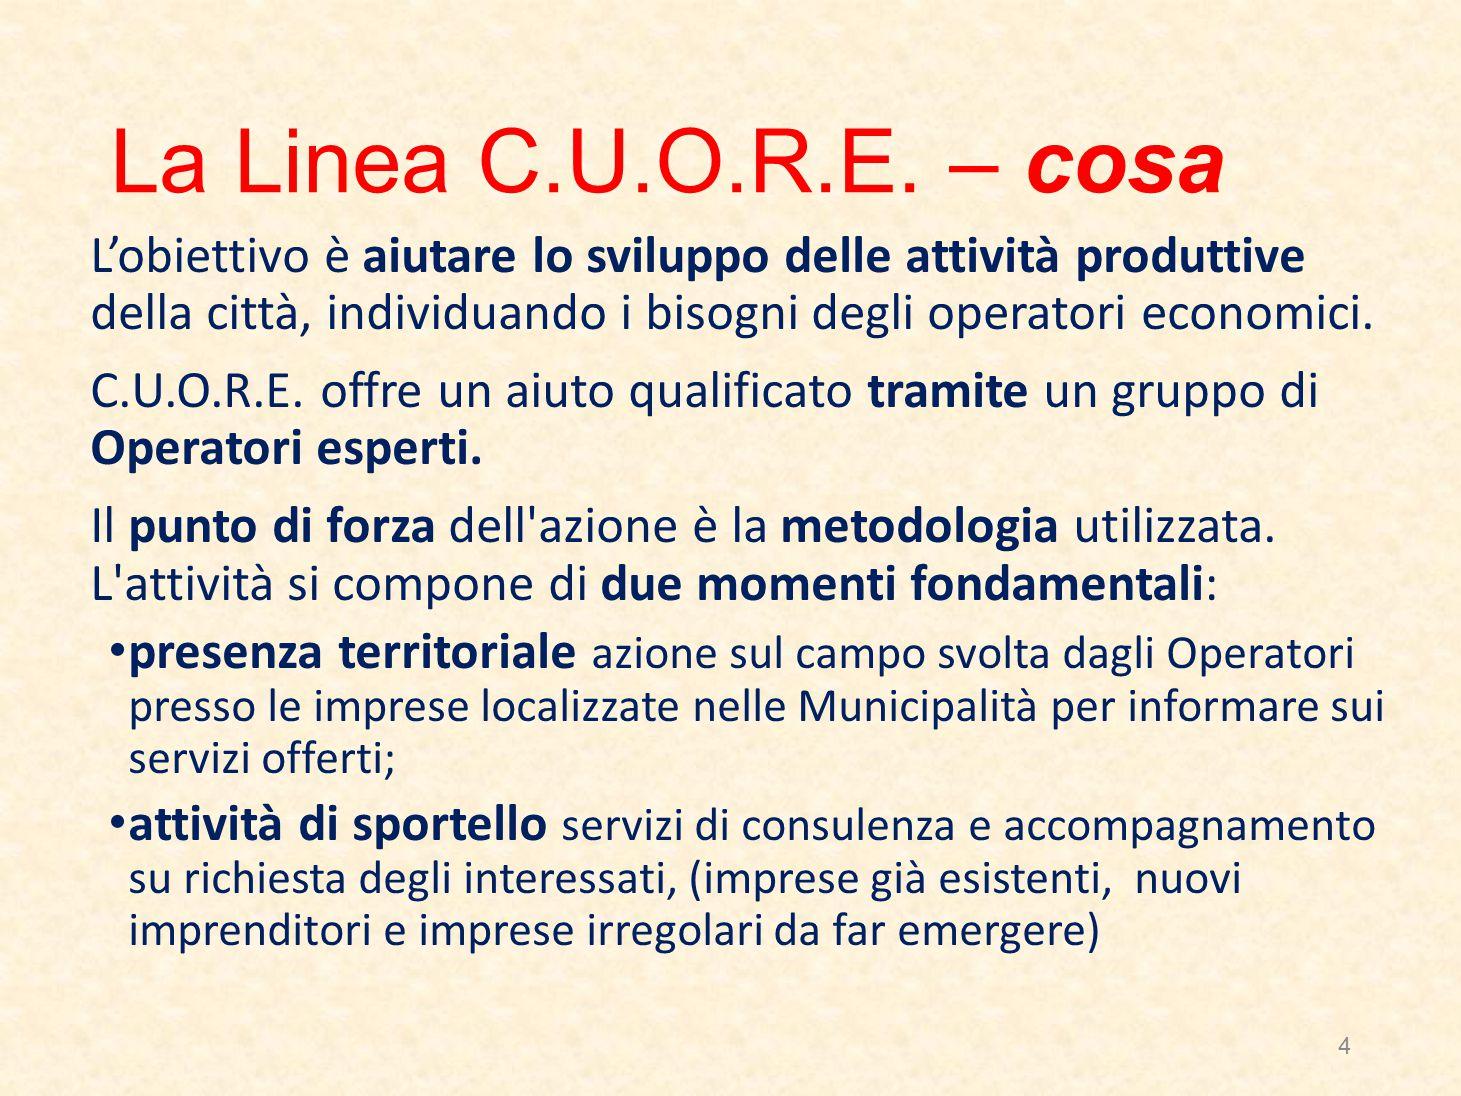 La Linea C.U.O.R.E.